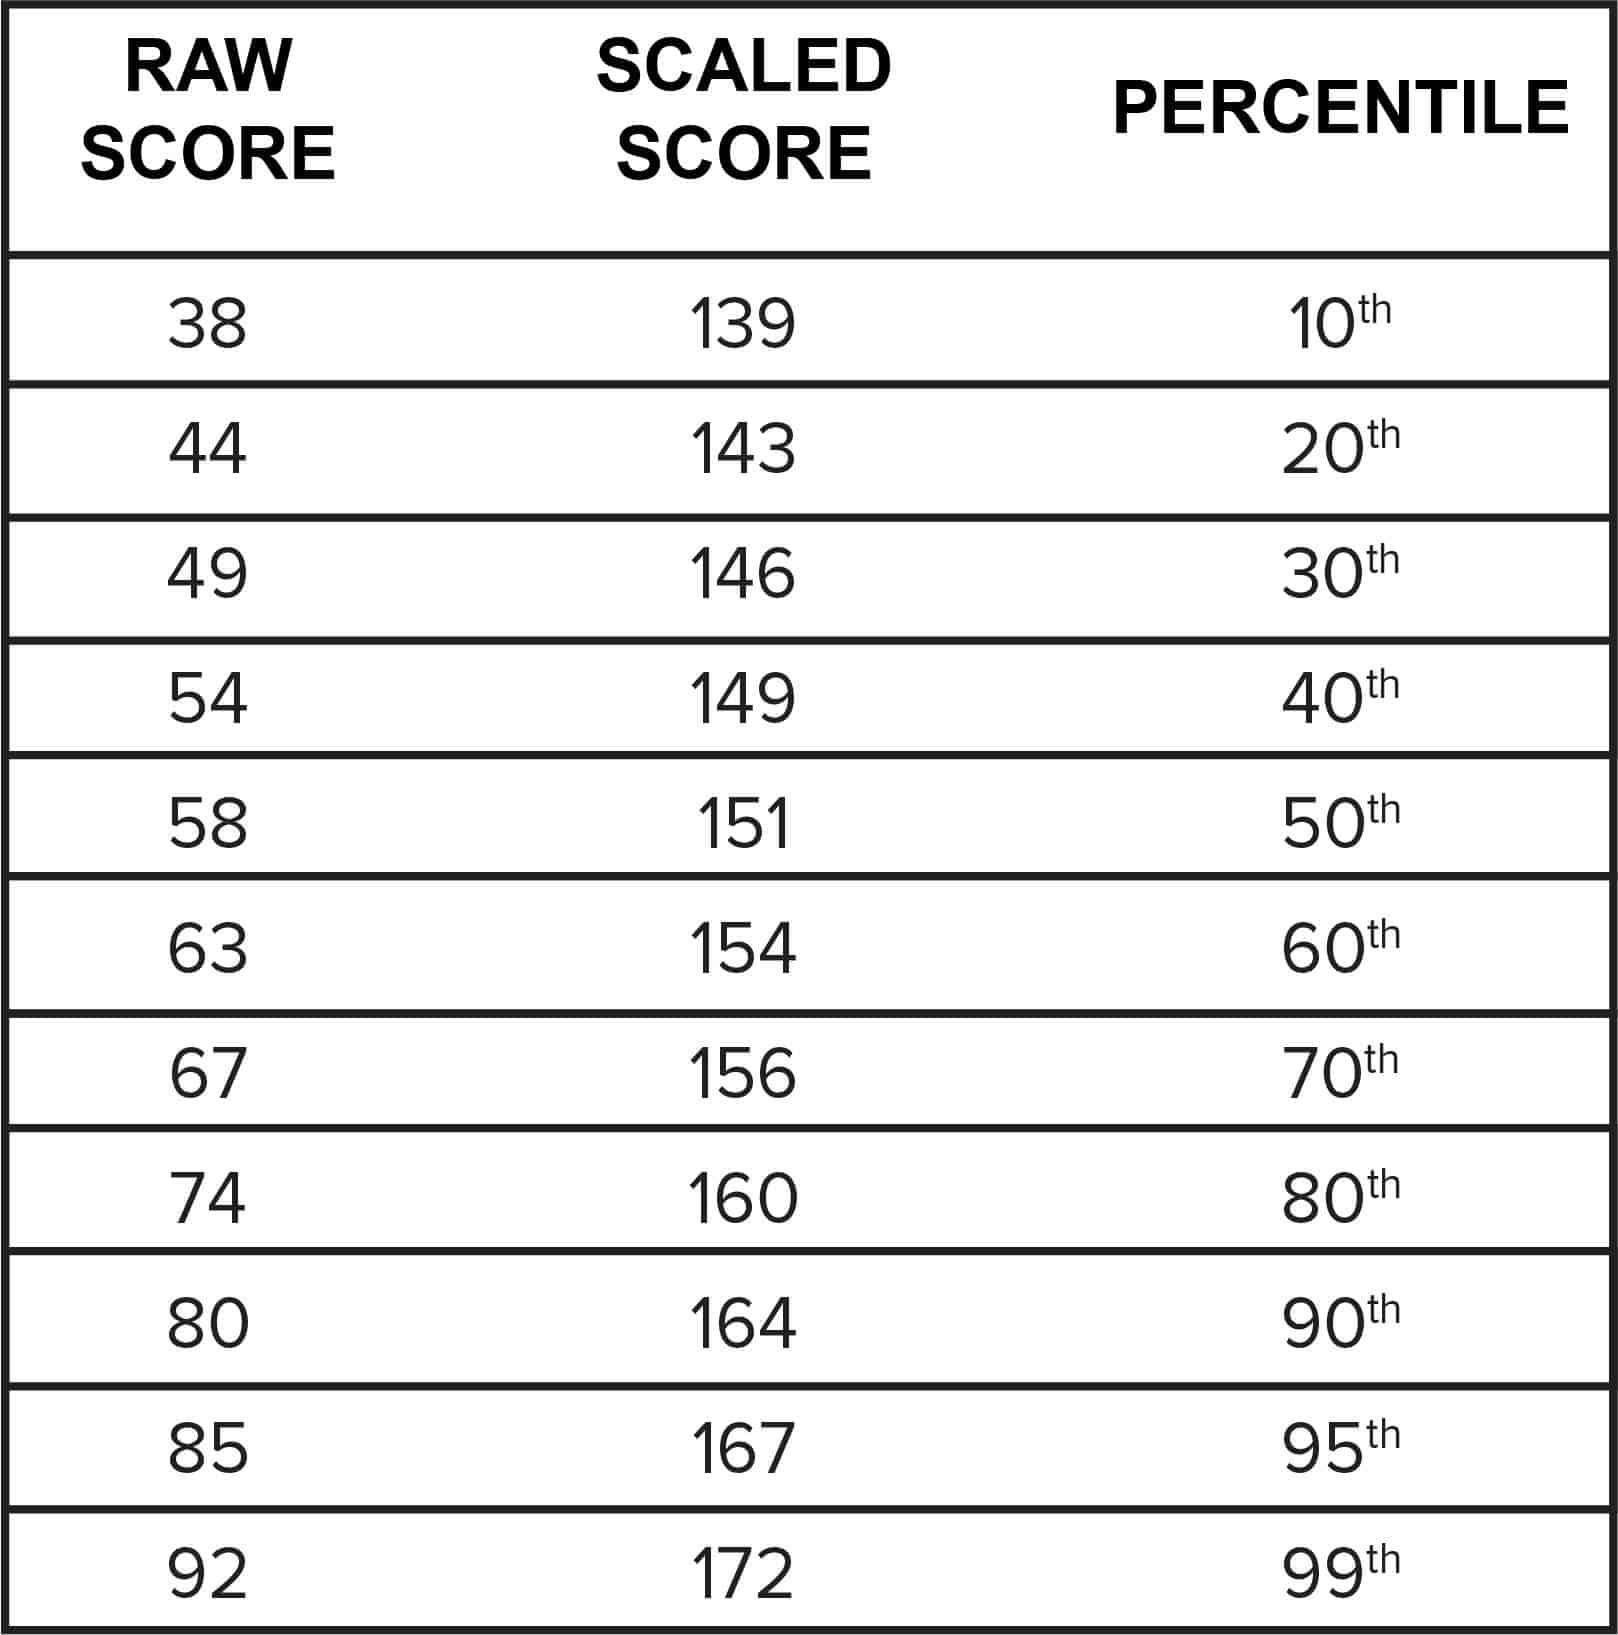 LSAT Scores